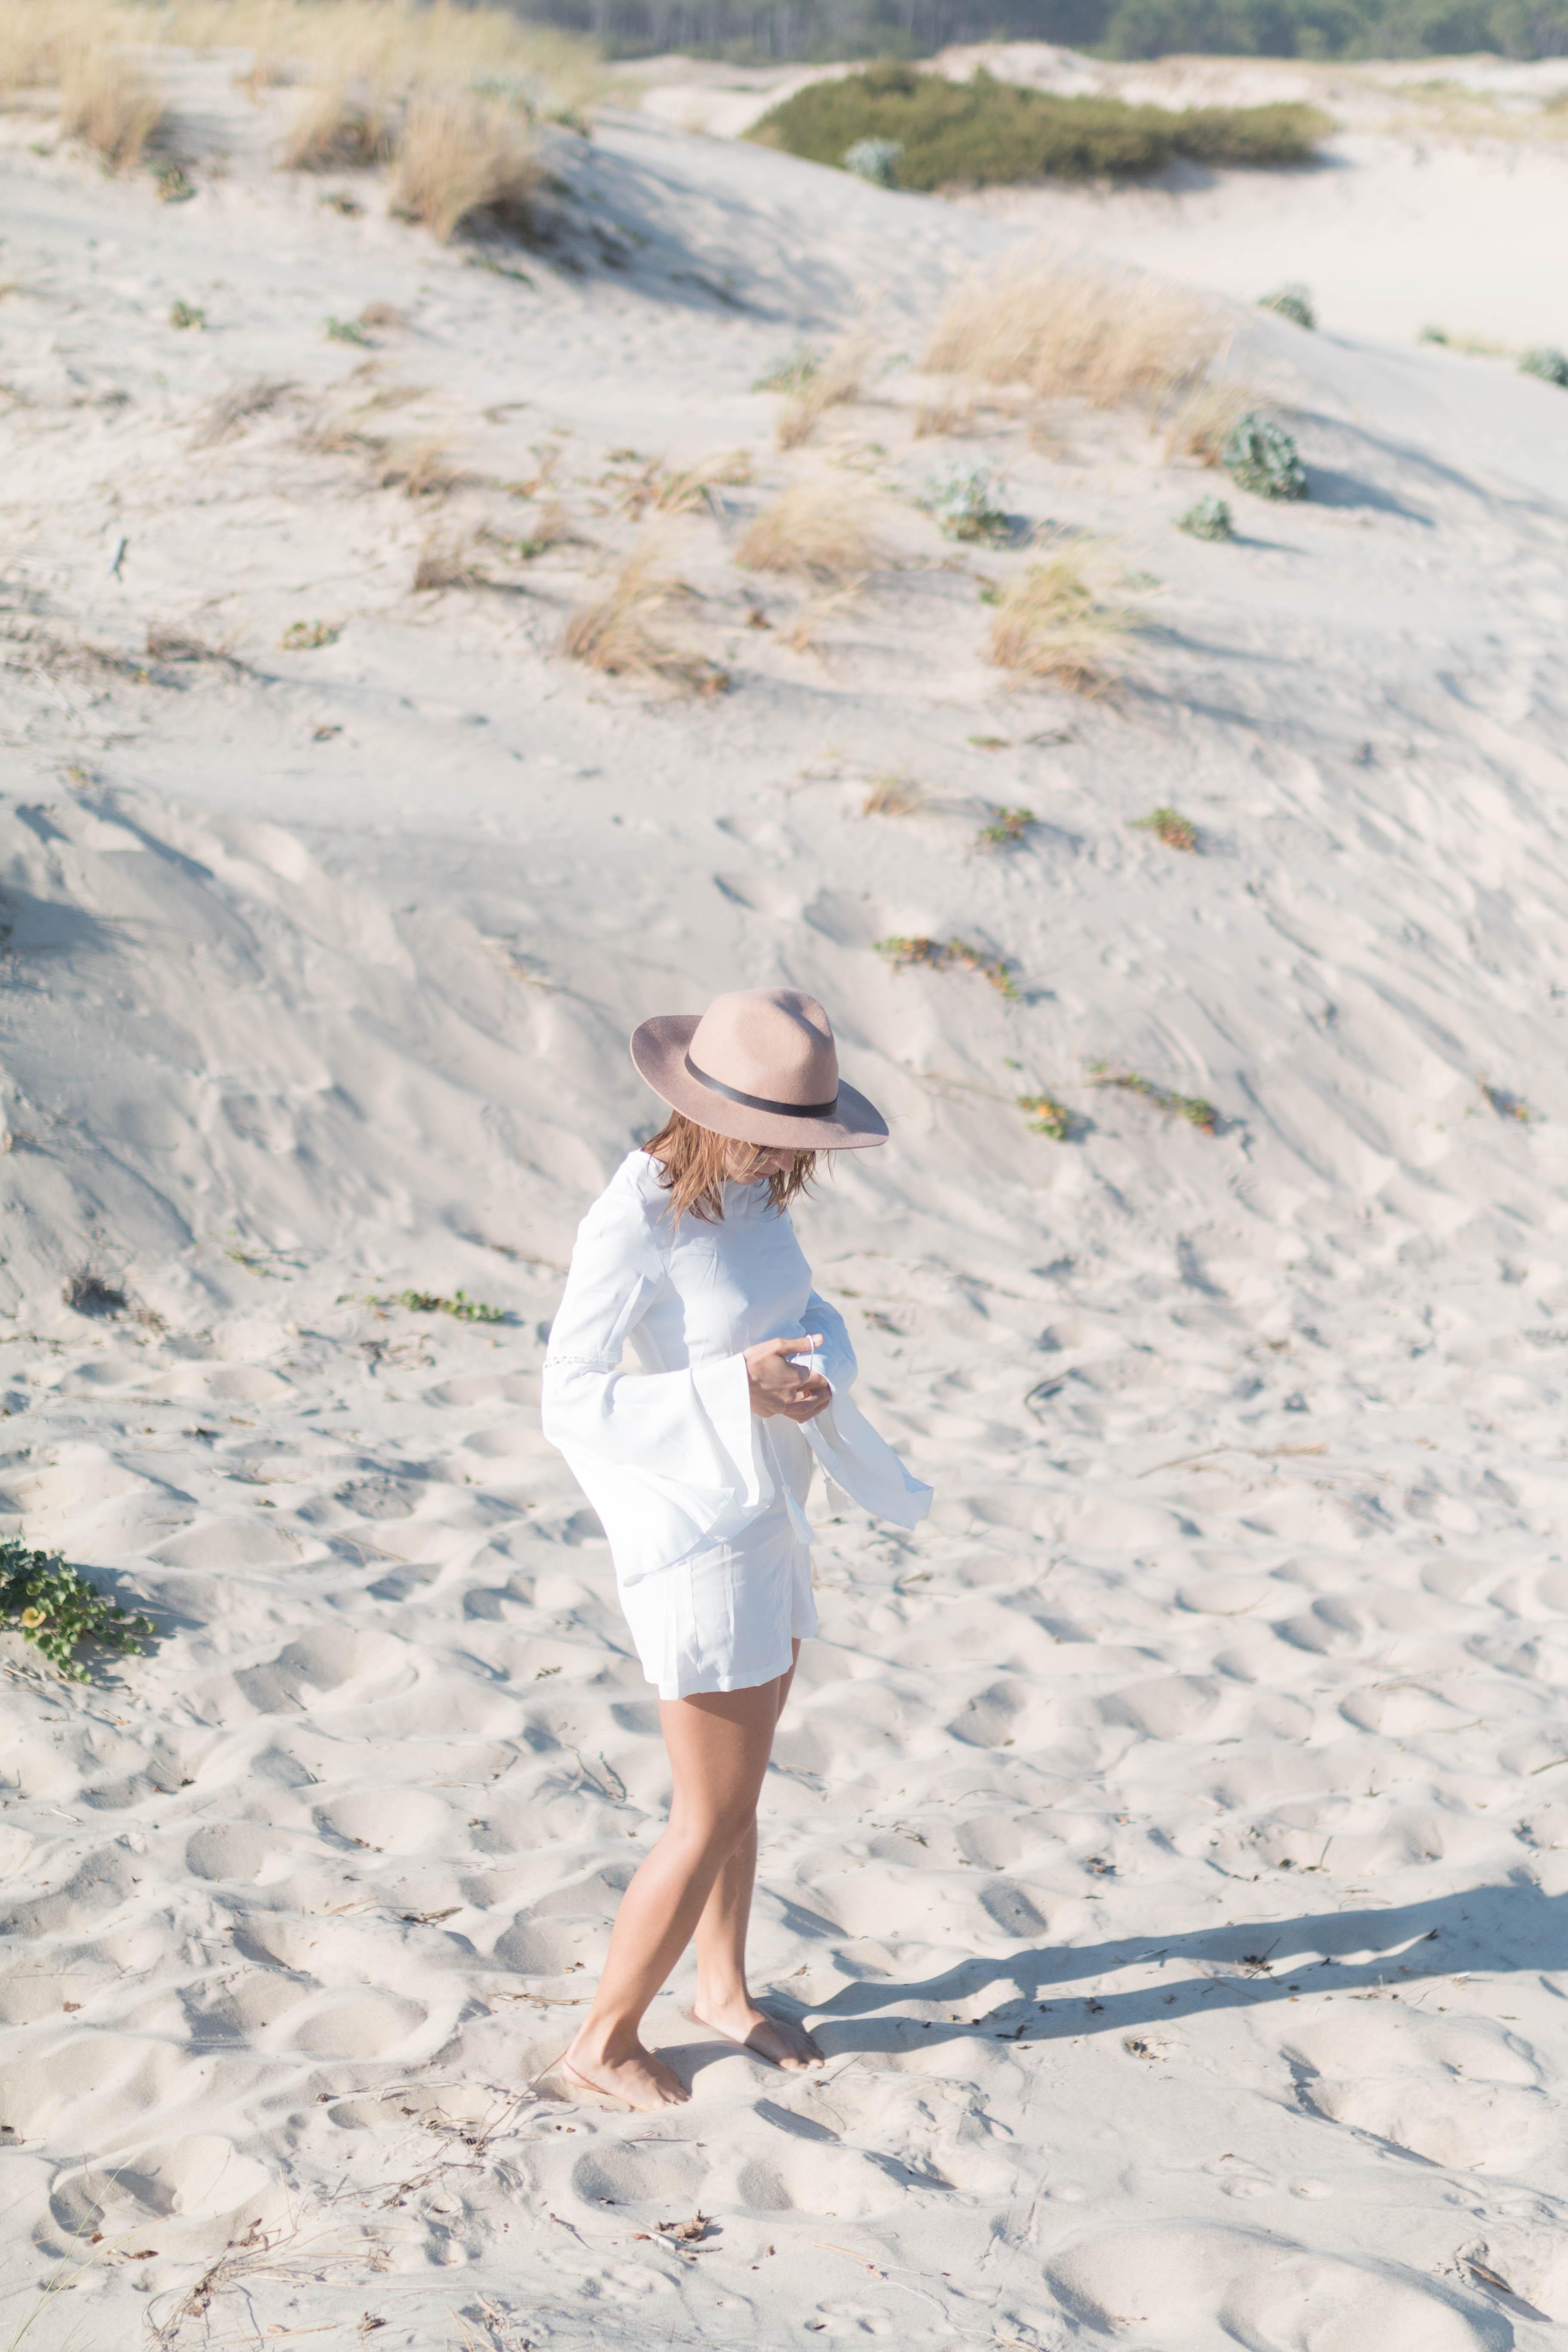 Combinaison blanche et chapeau camel | SP4NK BLOG